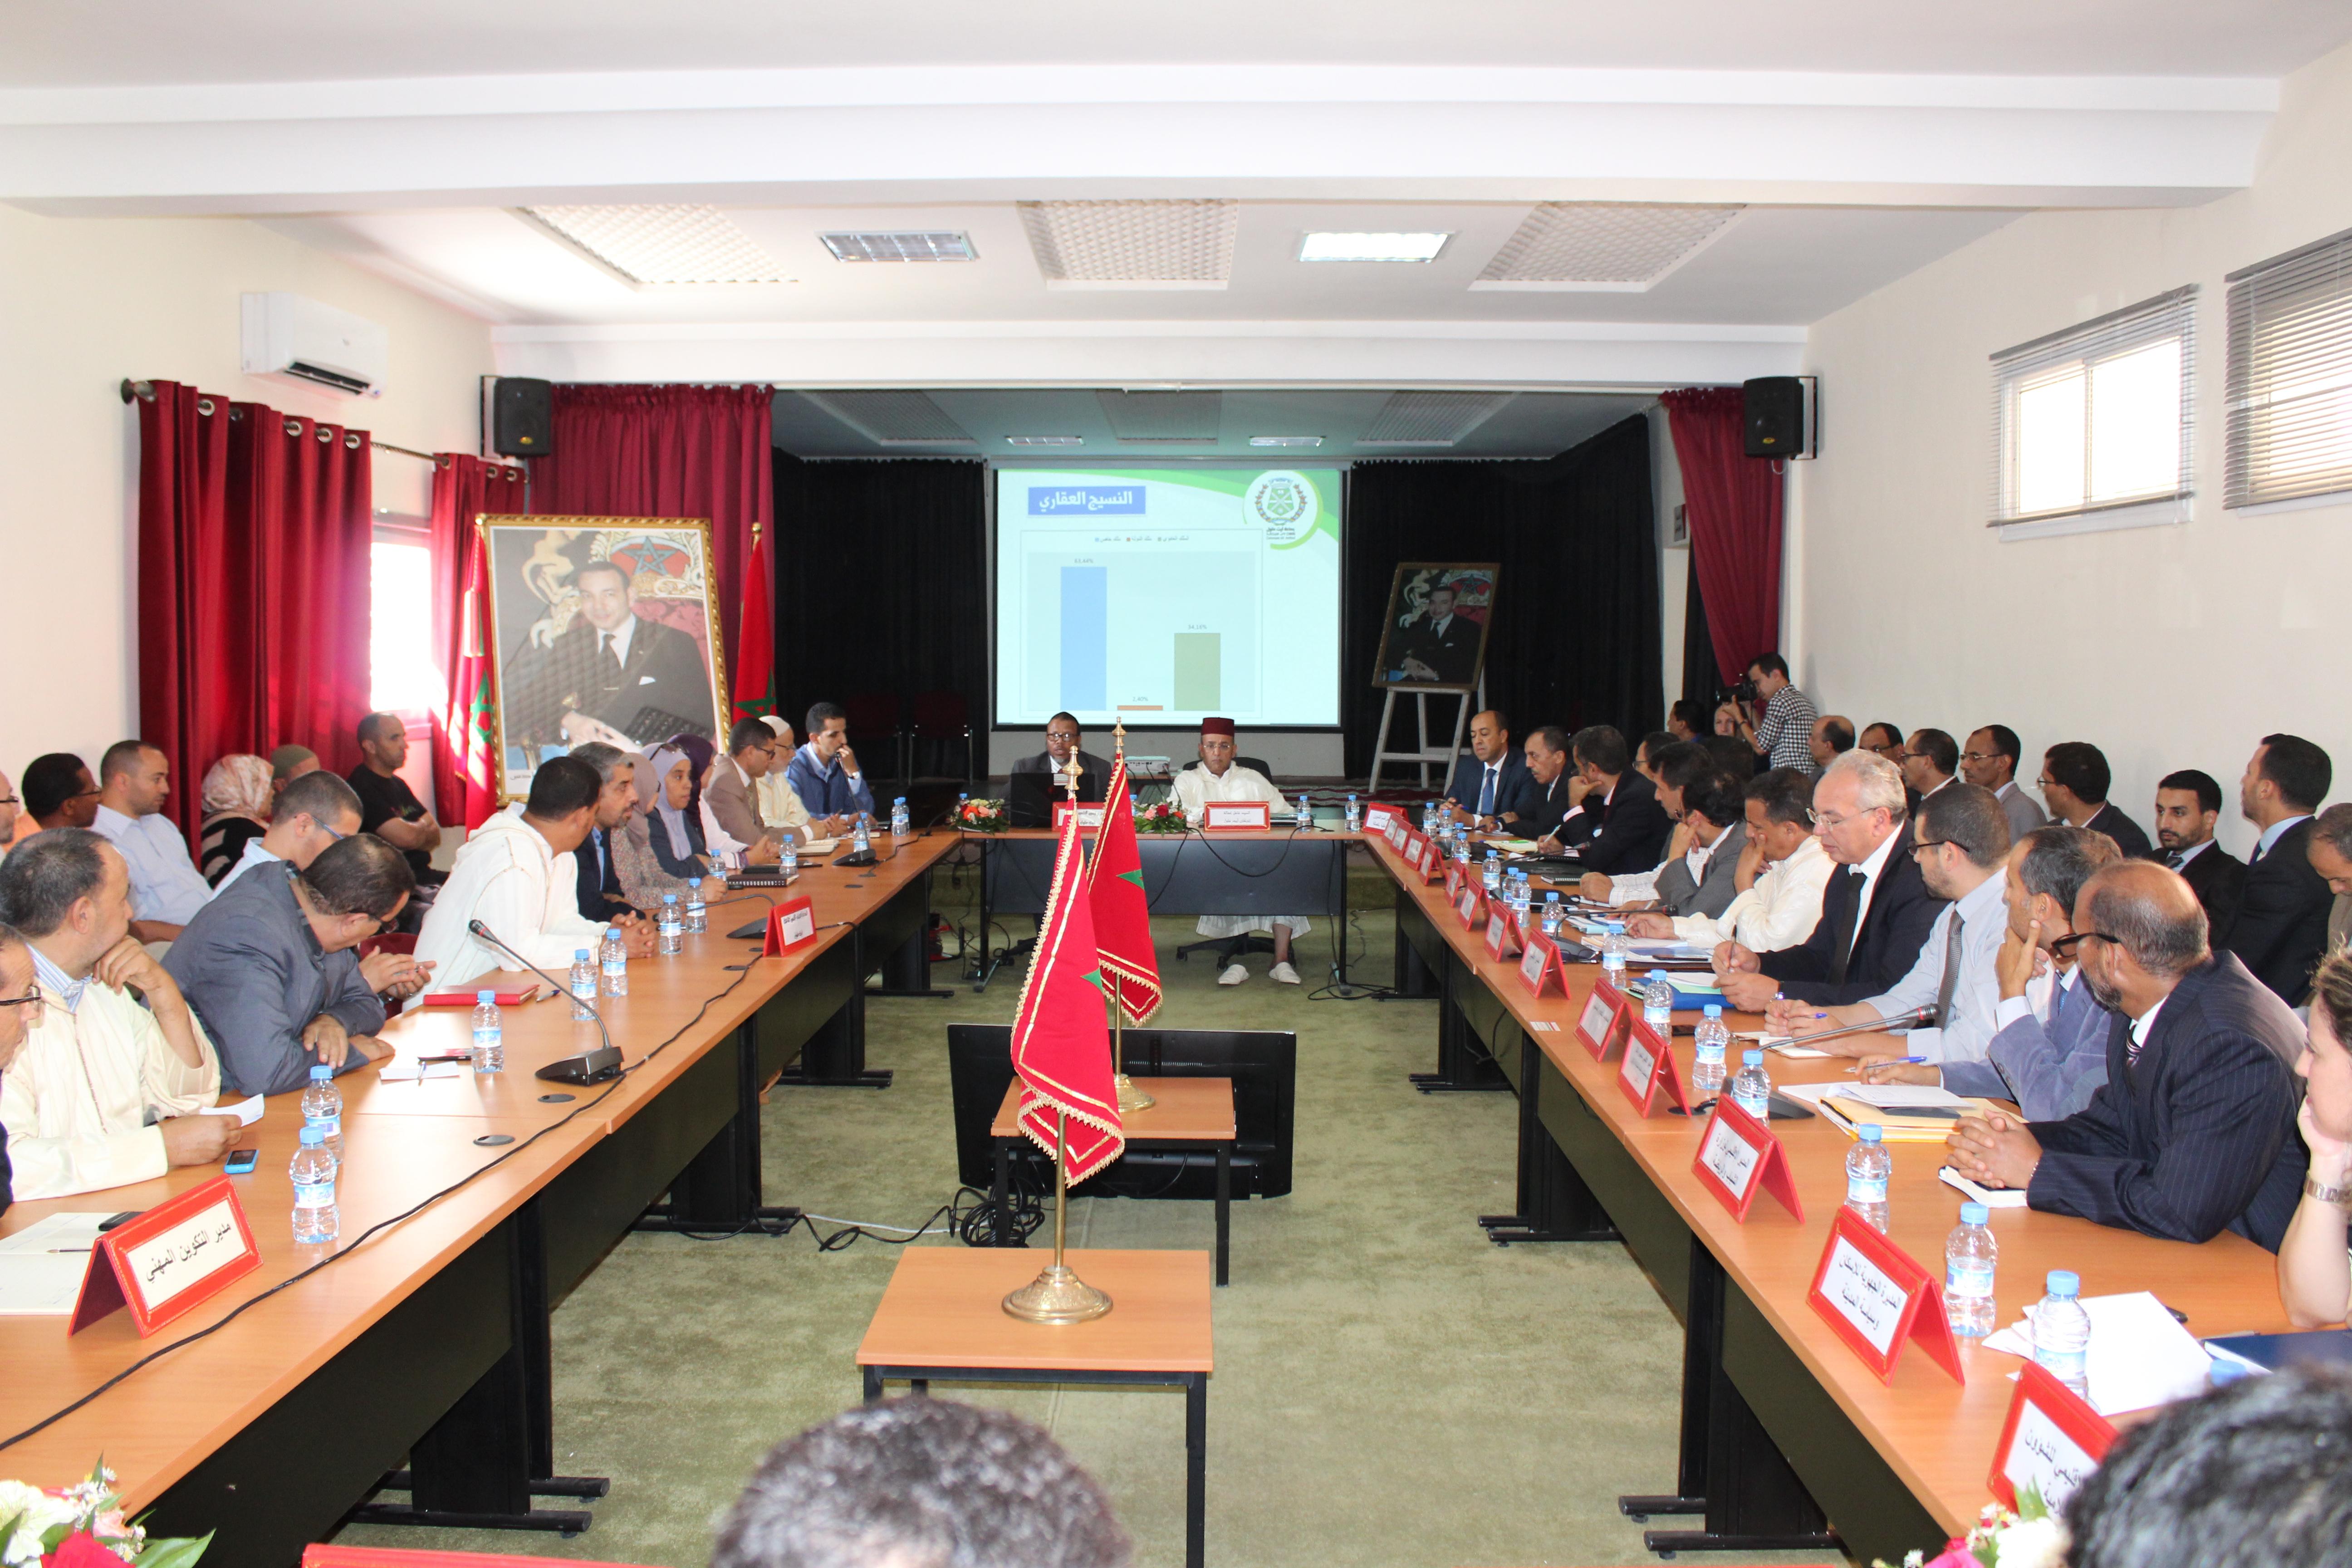 عامل إقليم إنزكَان أيت ملول يعقد لقاءً تواصليا مع أعضاء المجلس الجماعي لأيت ملول بحضور مختلف ممثلي المصالح الخارجية.